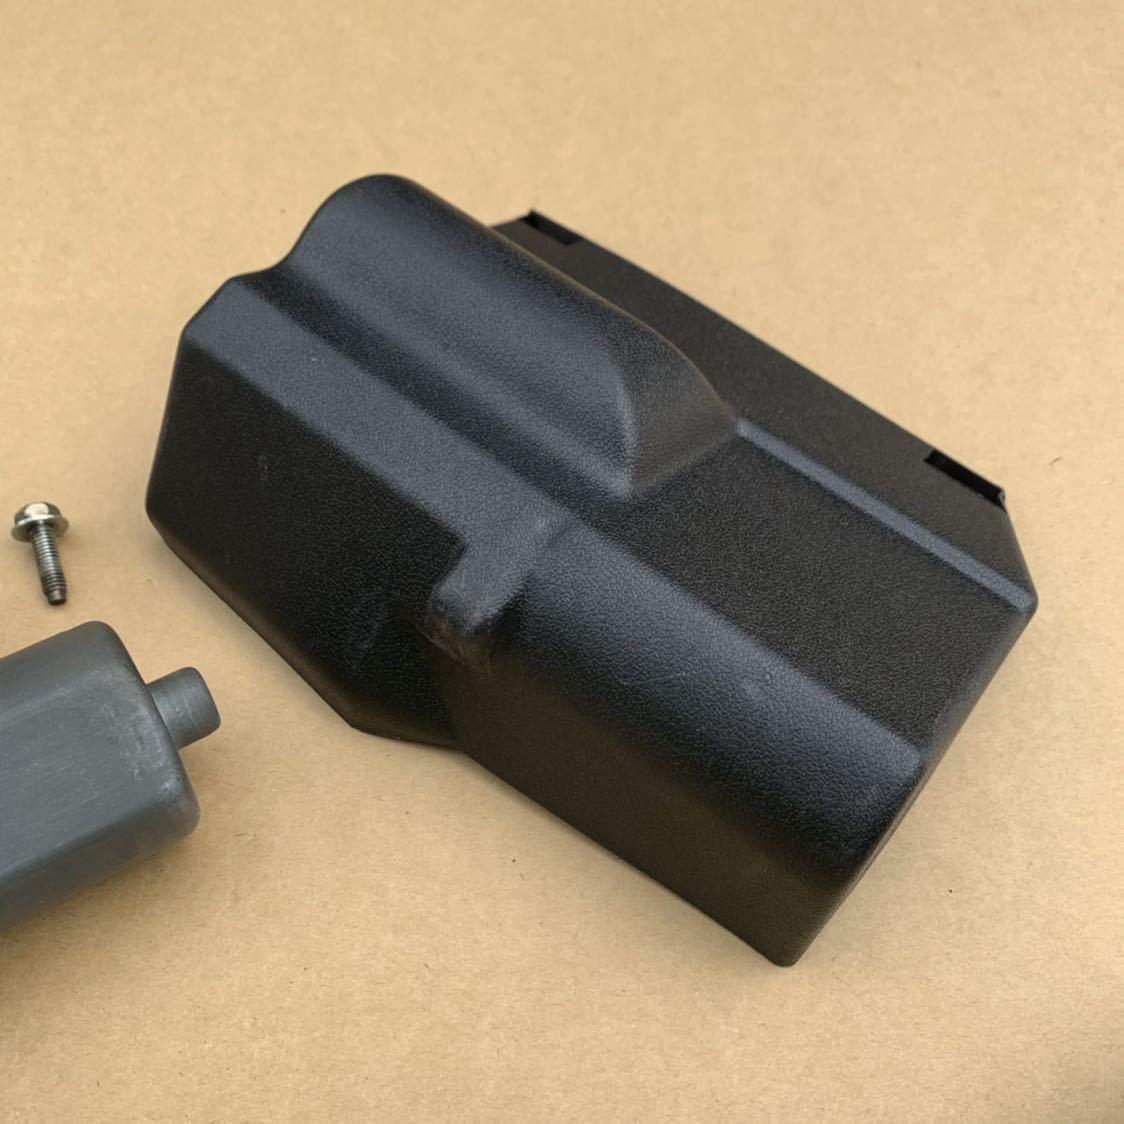 リヤワイパーモーター シールキット新品 HR31 R31 スカイライン 2ドア GTS-R 作動確認済み_画像5